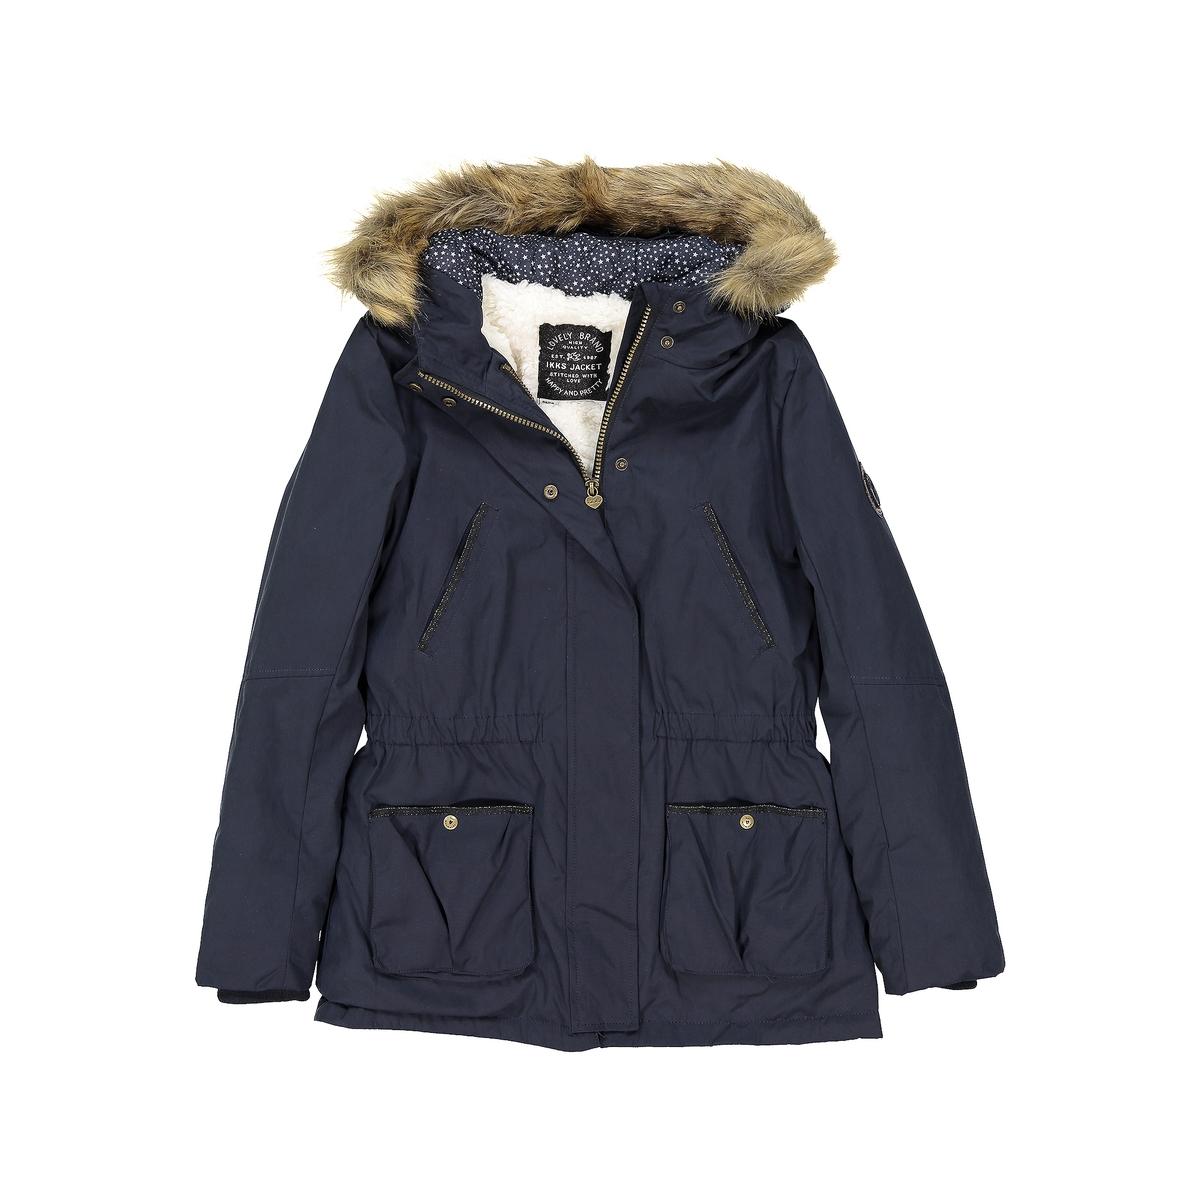 Парка 2 в 1 с капюшоном 3 -14 летДетали •  Непромокаемая •  Застежка на молнию •  С капюшоном •  Длина : укороченнаяСостав и уход •  36% хлопка, 15% полиамида, 49% полиэстера •  Следуйте советам по уходу, указанным на этикетке2 в 1, эта утепленная модель для девочек сочетает в себе парку темно-синего цвета и красную куртку.Стоячий воротник, длинные рукава в рубчик, 2 накладных кармана.   Застежка на молнию и кнопки.   Внутри : красная куртка без рукавов из стеганой ткани<br><br>Цвет: темно-синий<br>Размер: 12 лет -150 см.10 лет - 138 см.8 лет - 126 см.6 лет - 114 см